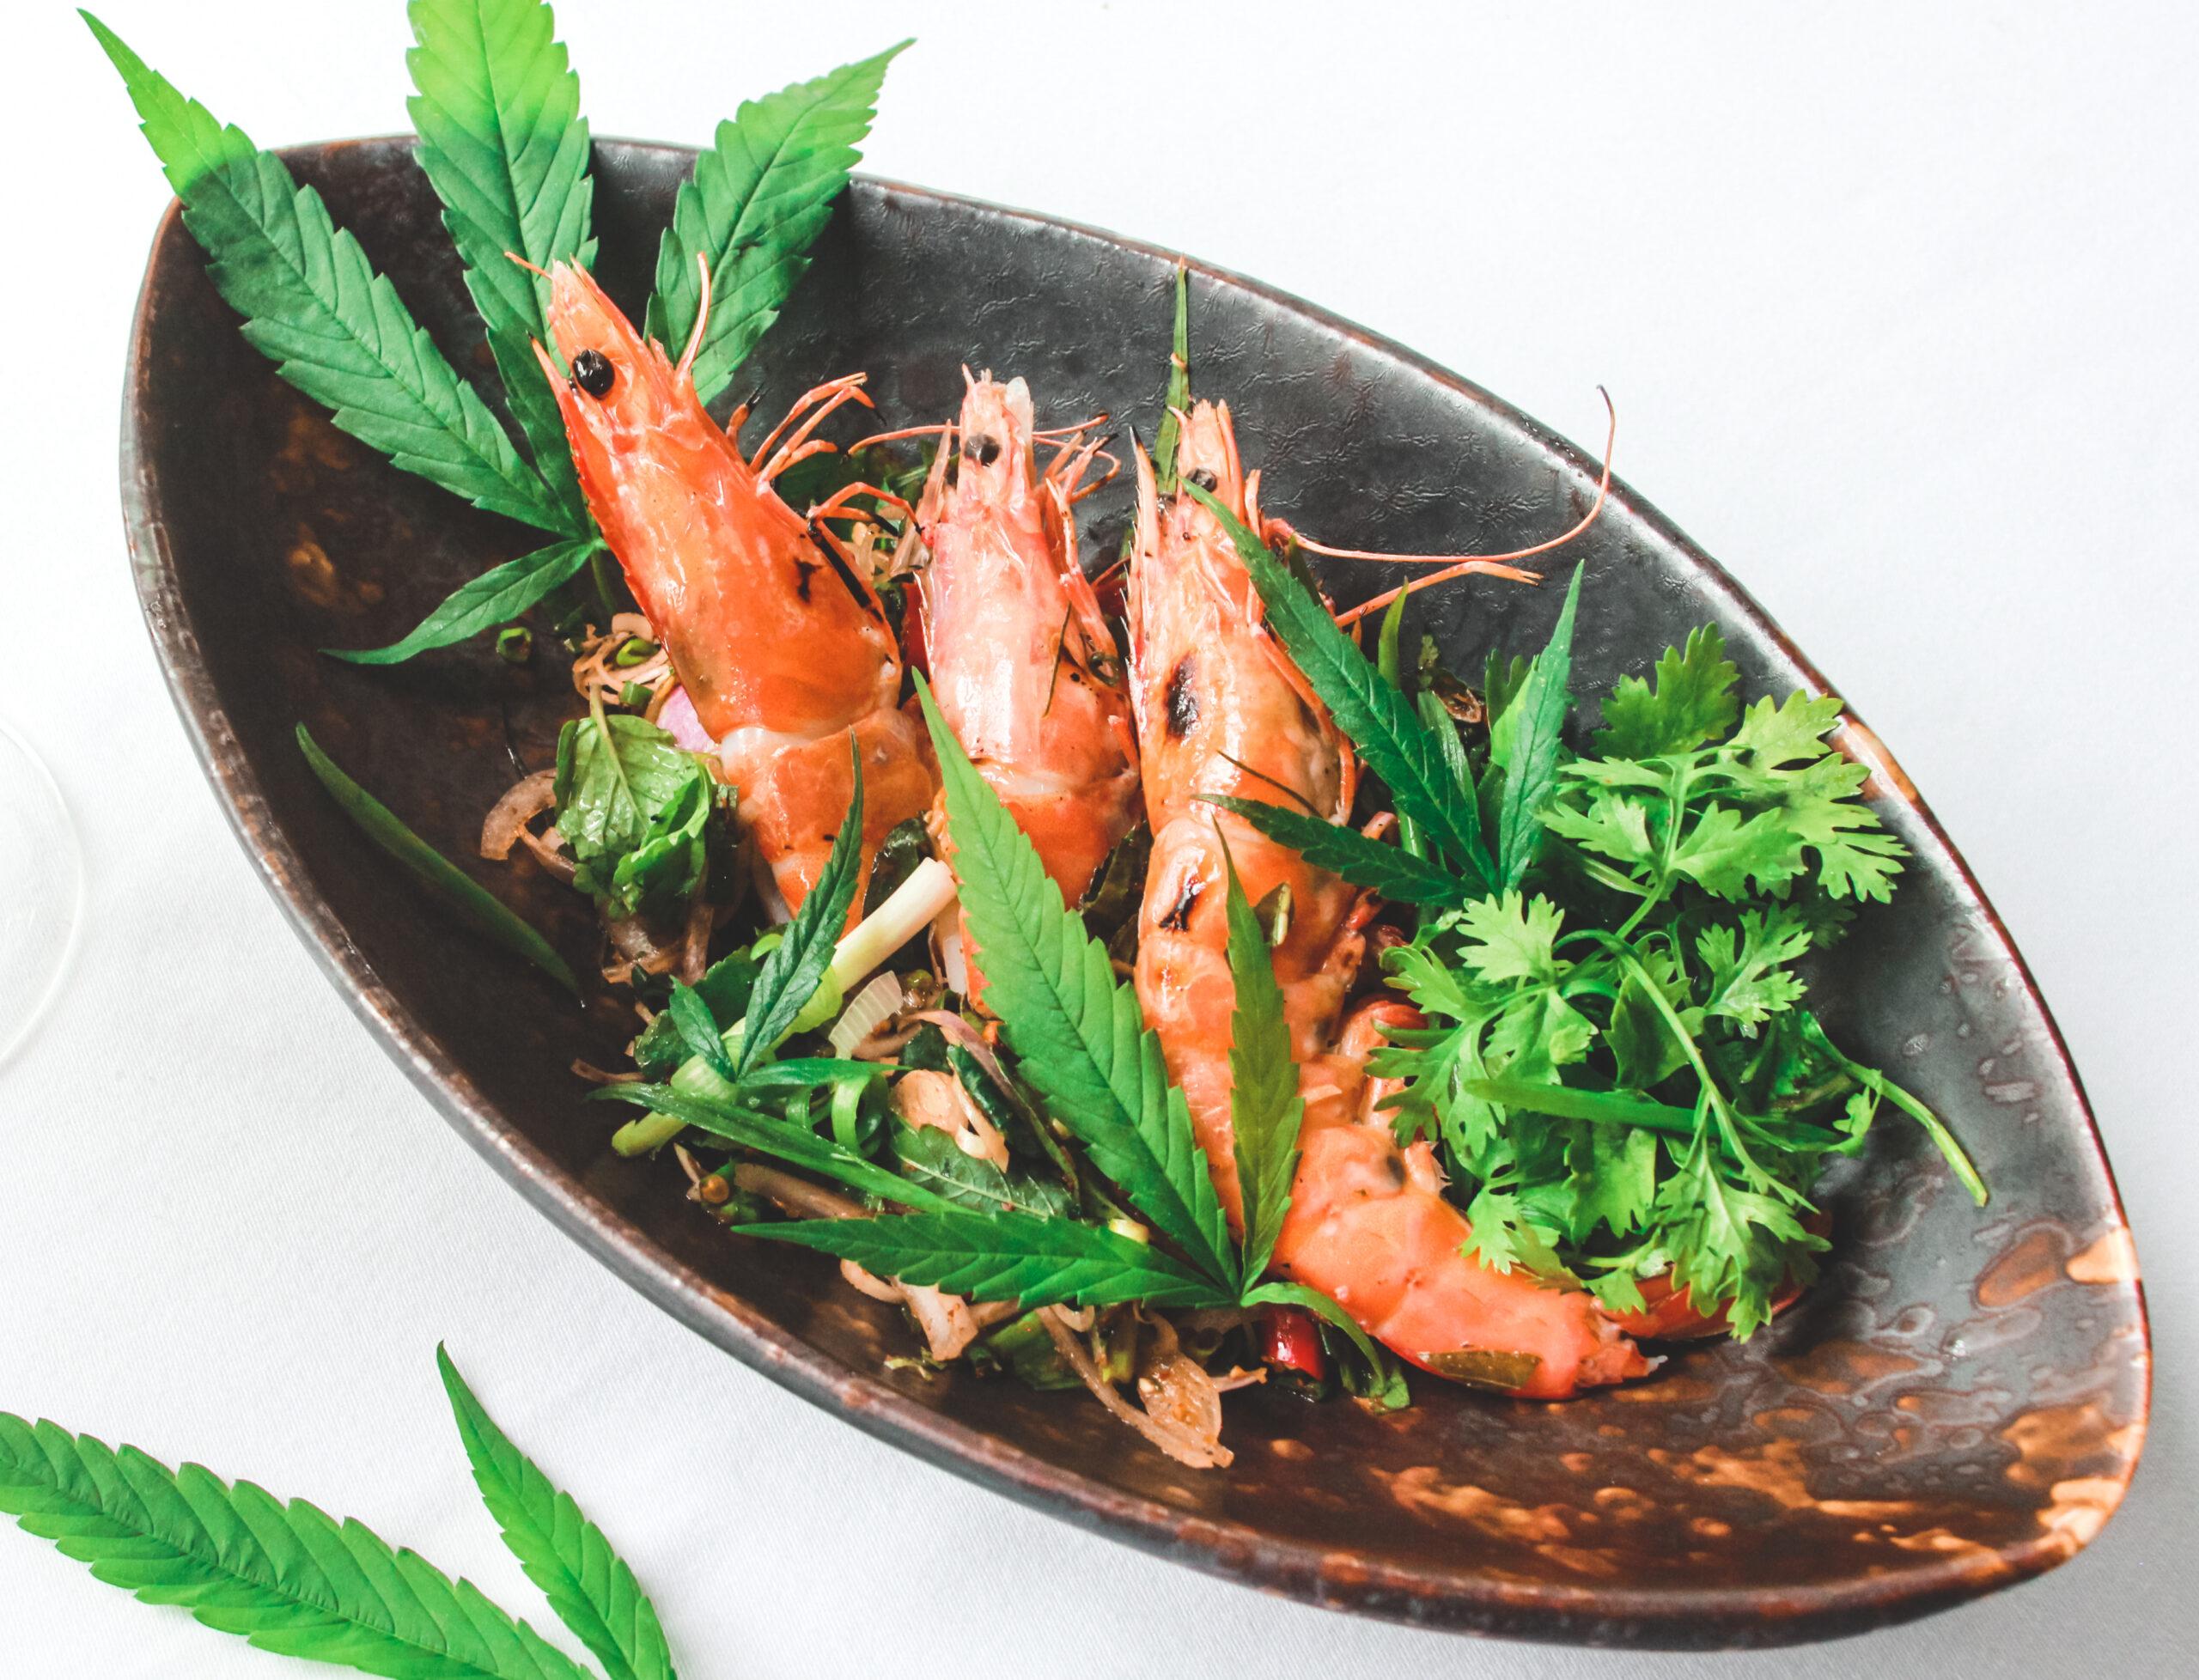 Spicy Grilled Prawn with Traditional Thai Herbs and Cannabis scaled Cozinha verde: restaurante tailandês cria menu com infusão de cannabis